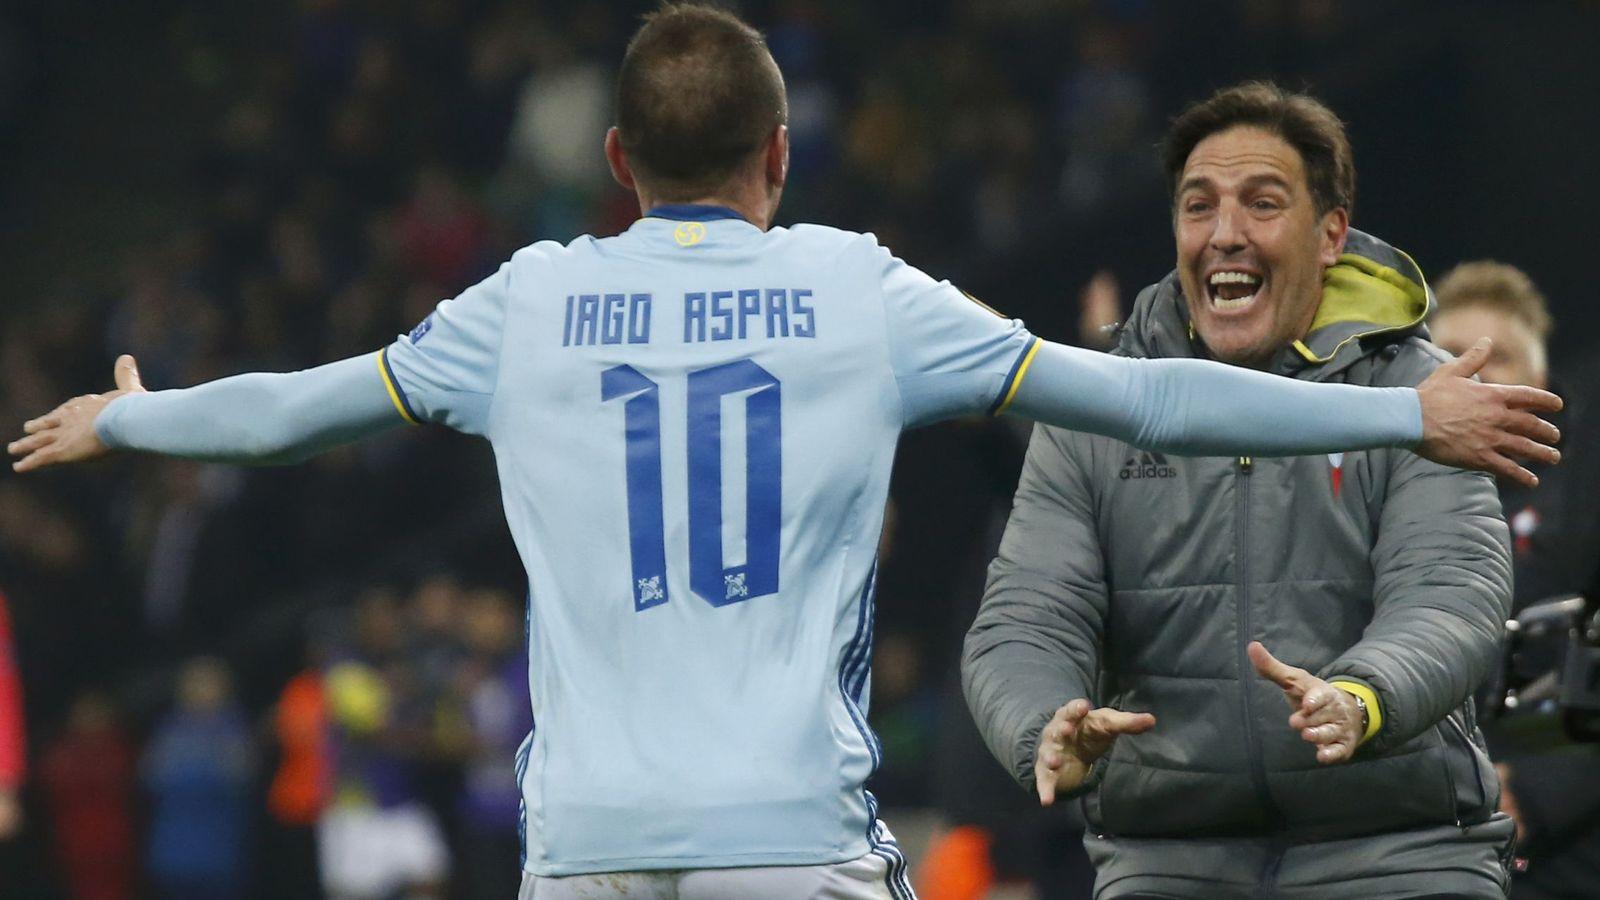 El Celta avanza a cuartos con una victoria en su visita al Krasnodar